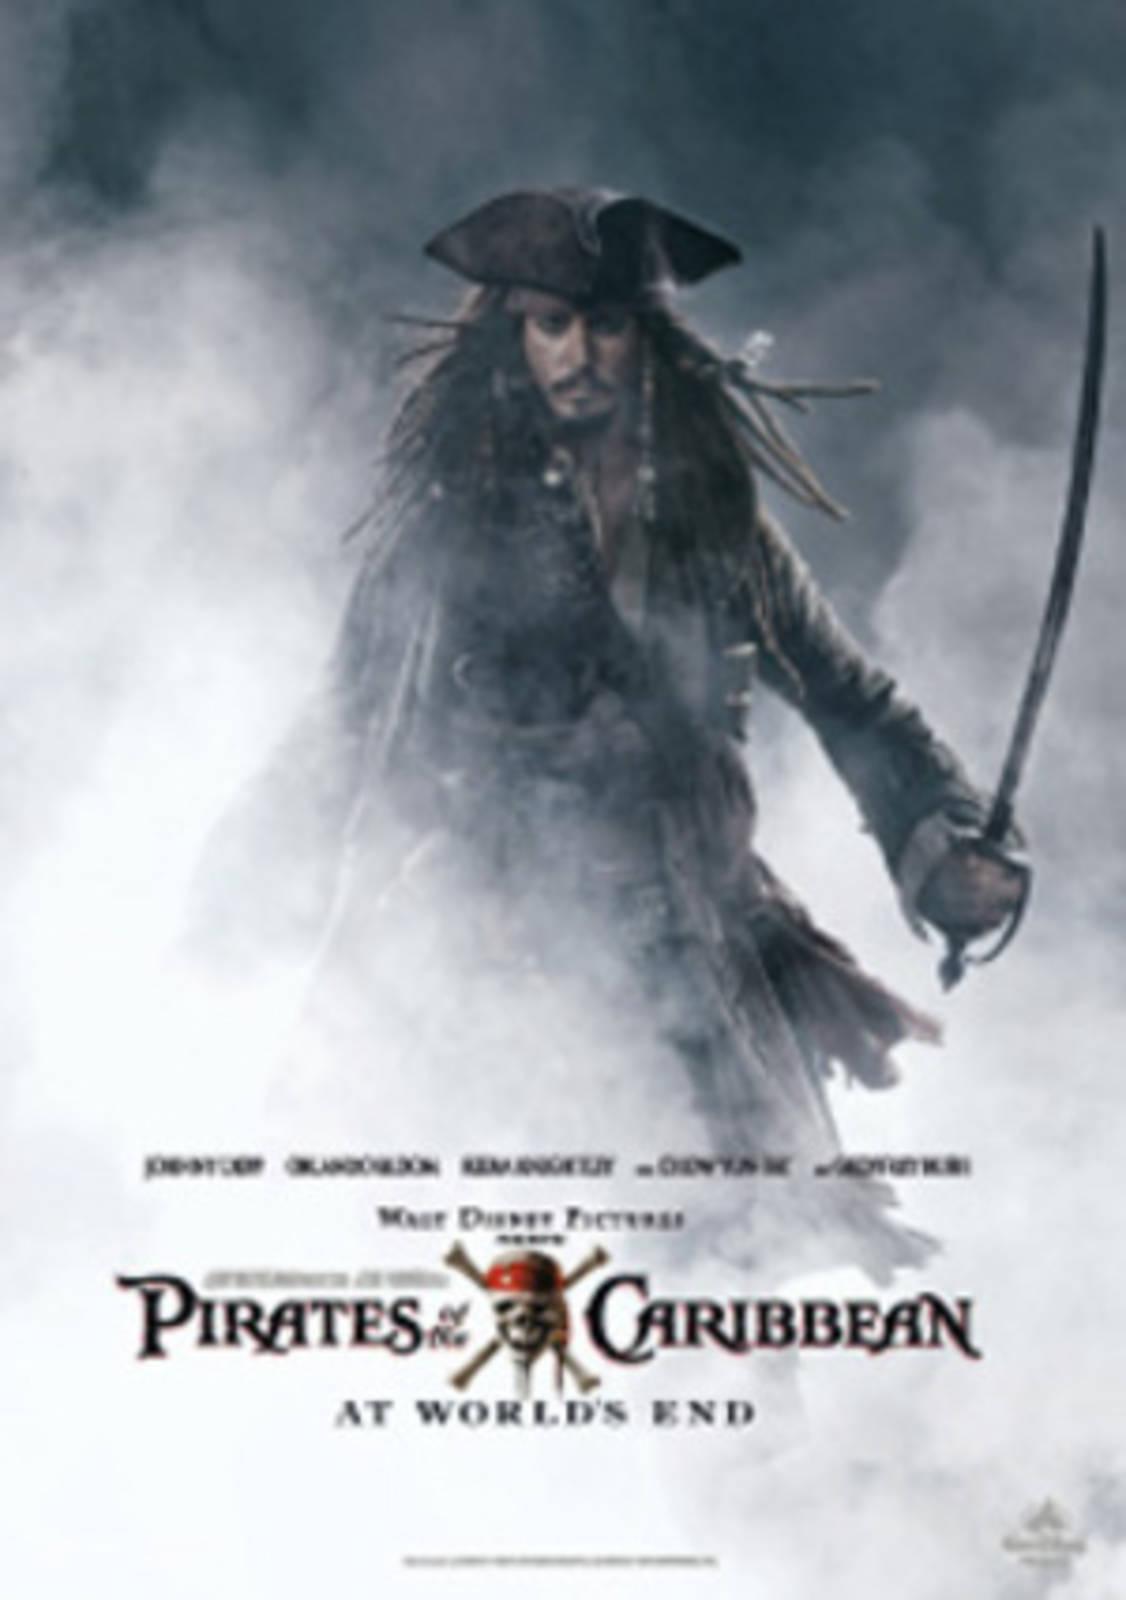 film pirates des cara u00efbes - jusqu u0026 39 au bout du monde